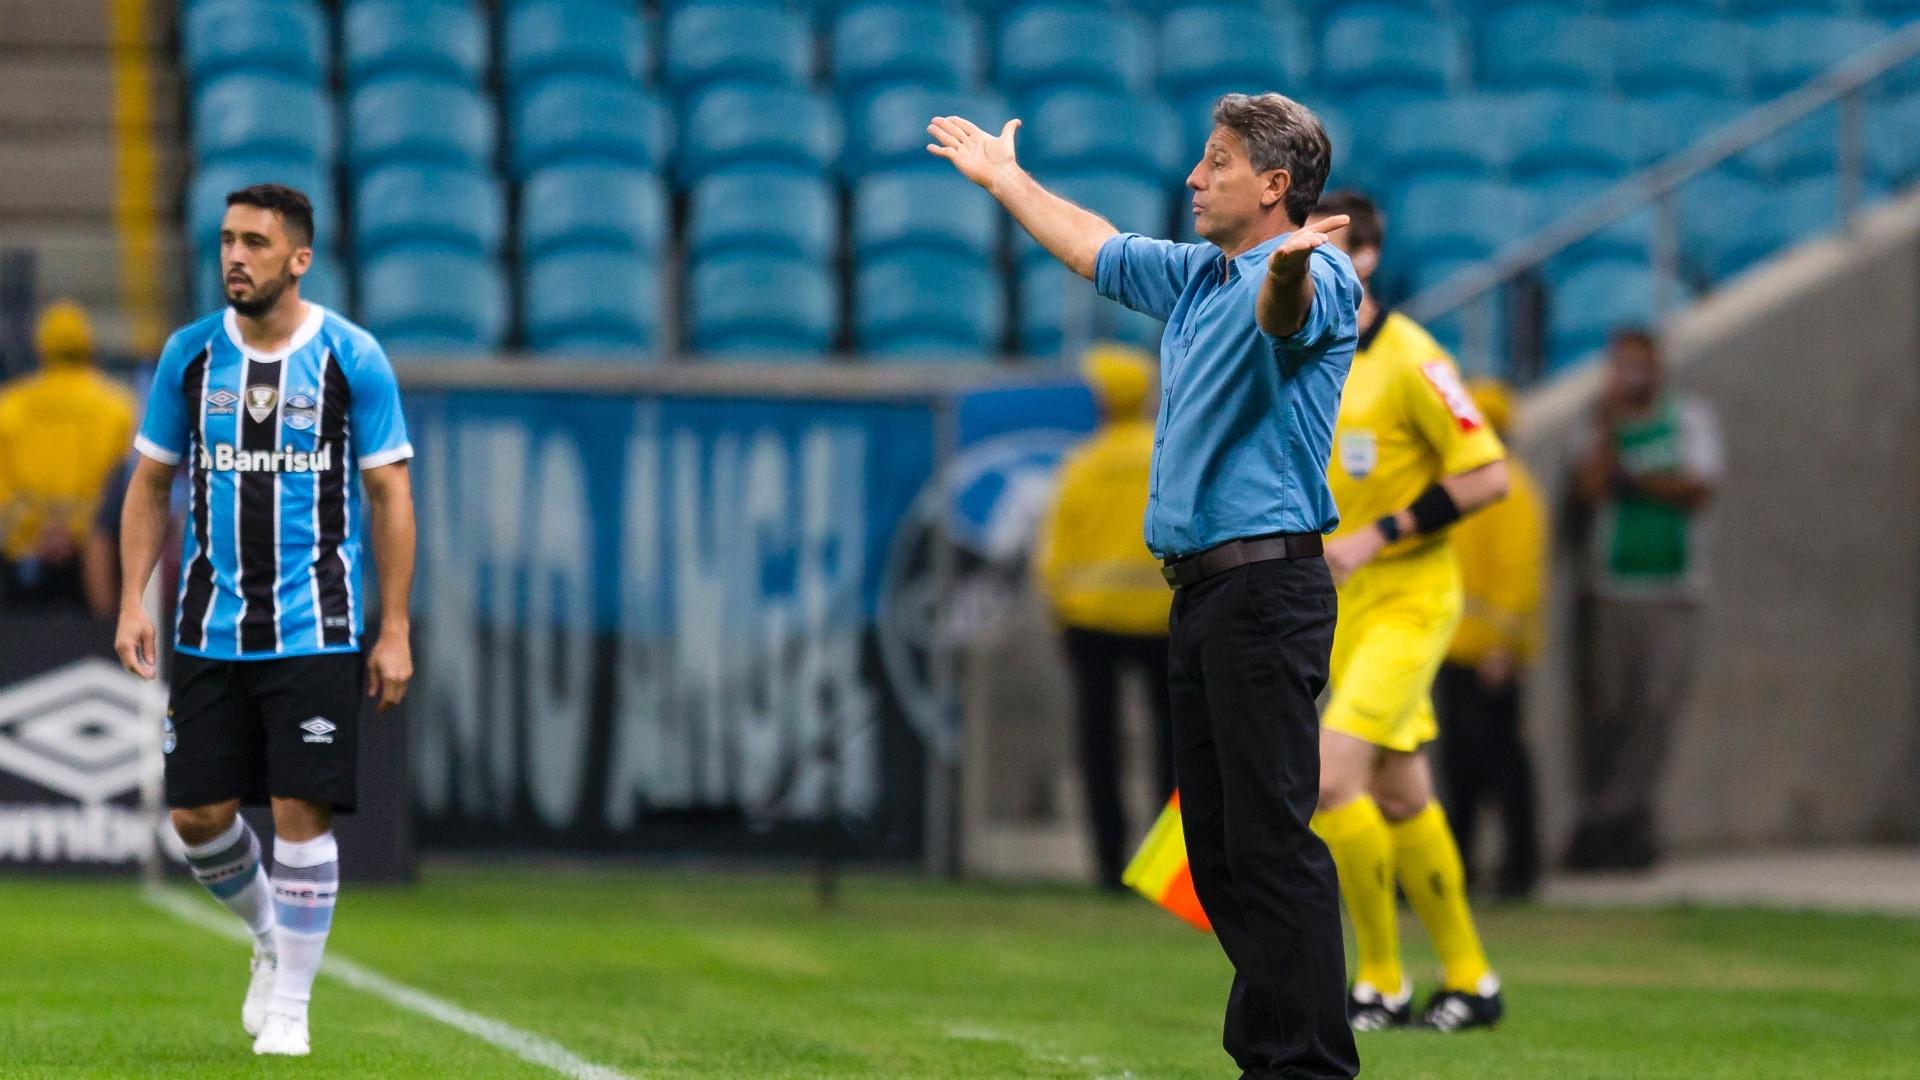 Renato Gaúcho orienta jogadores na partida entre Grêmio e Atlético-PR